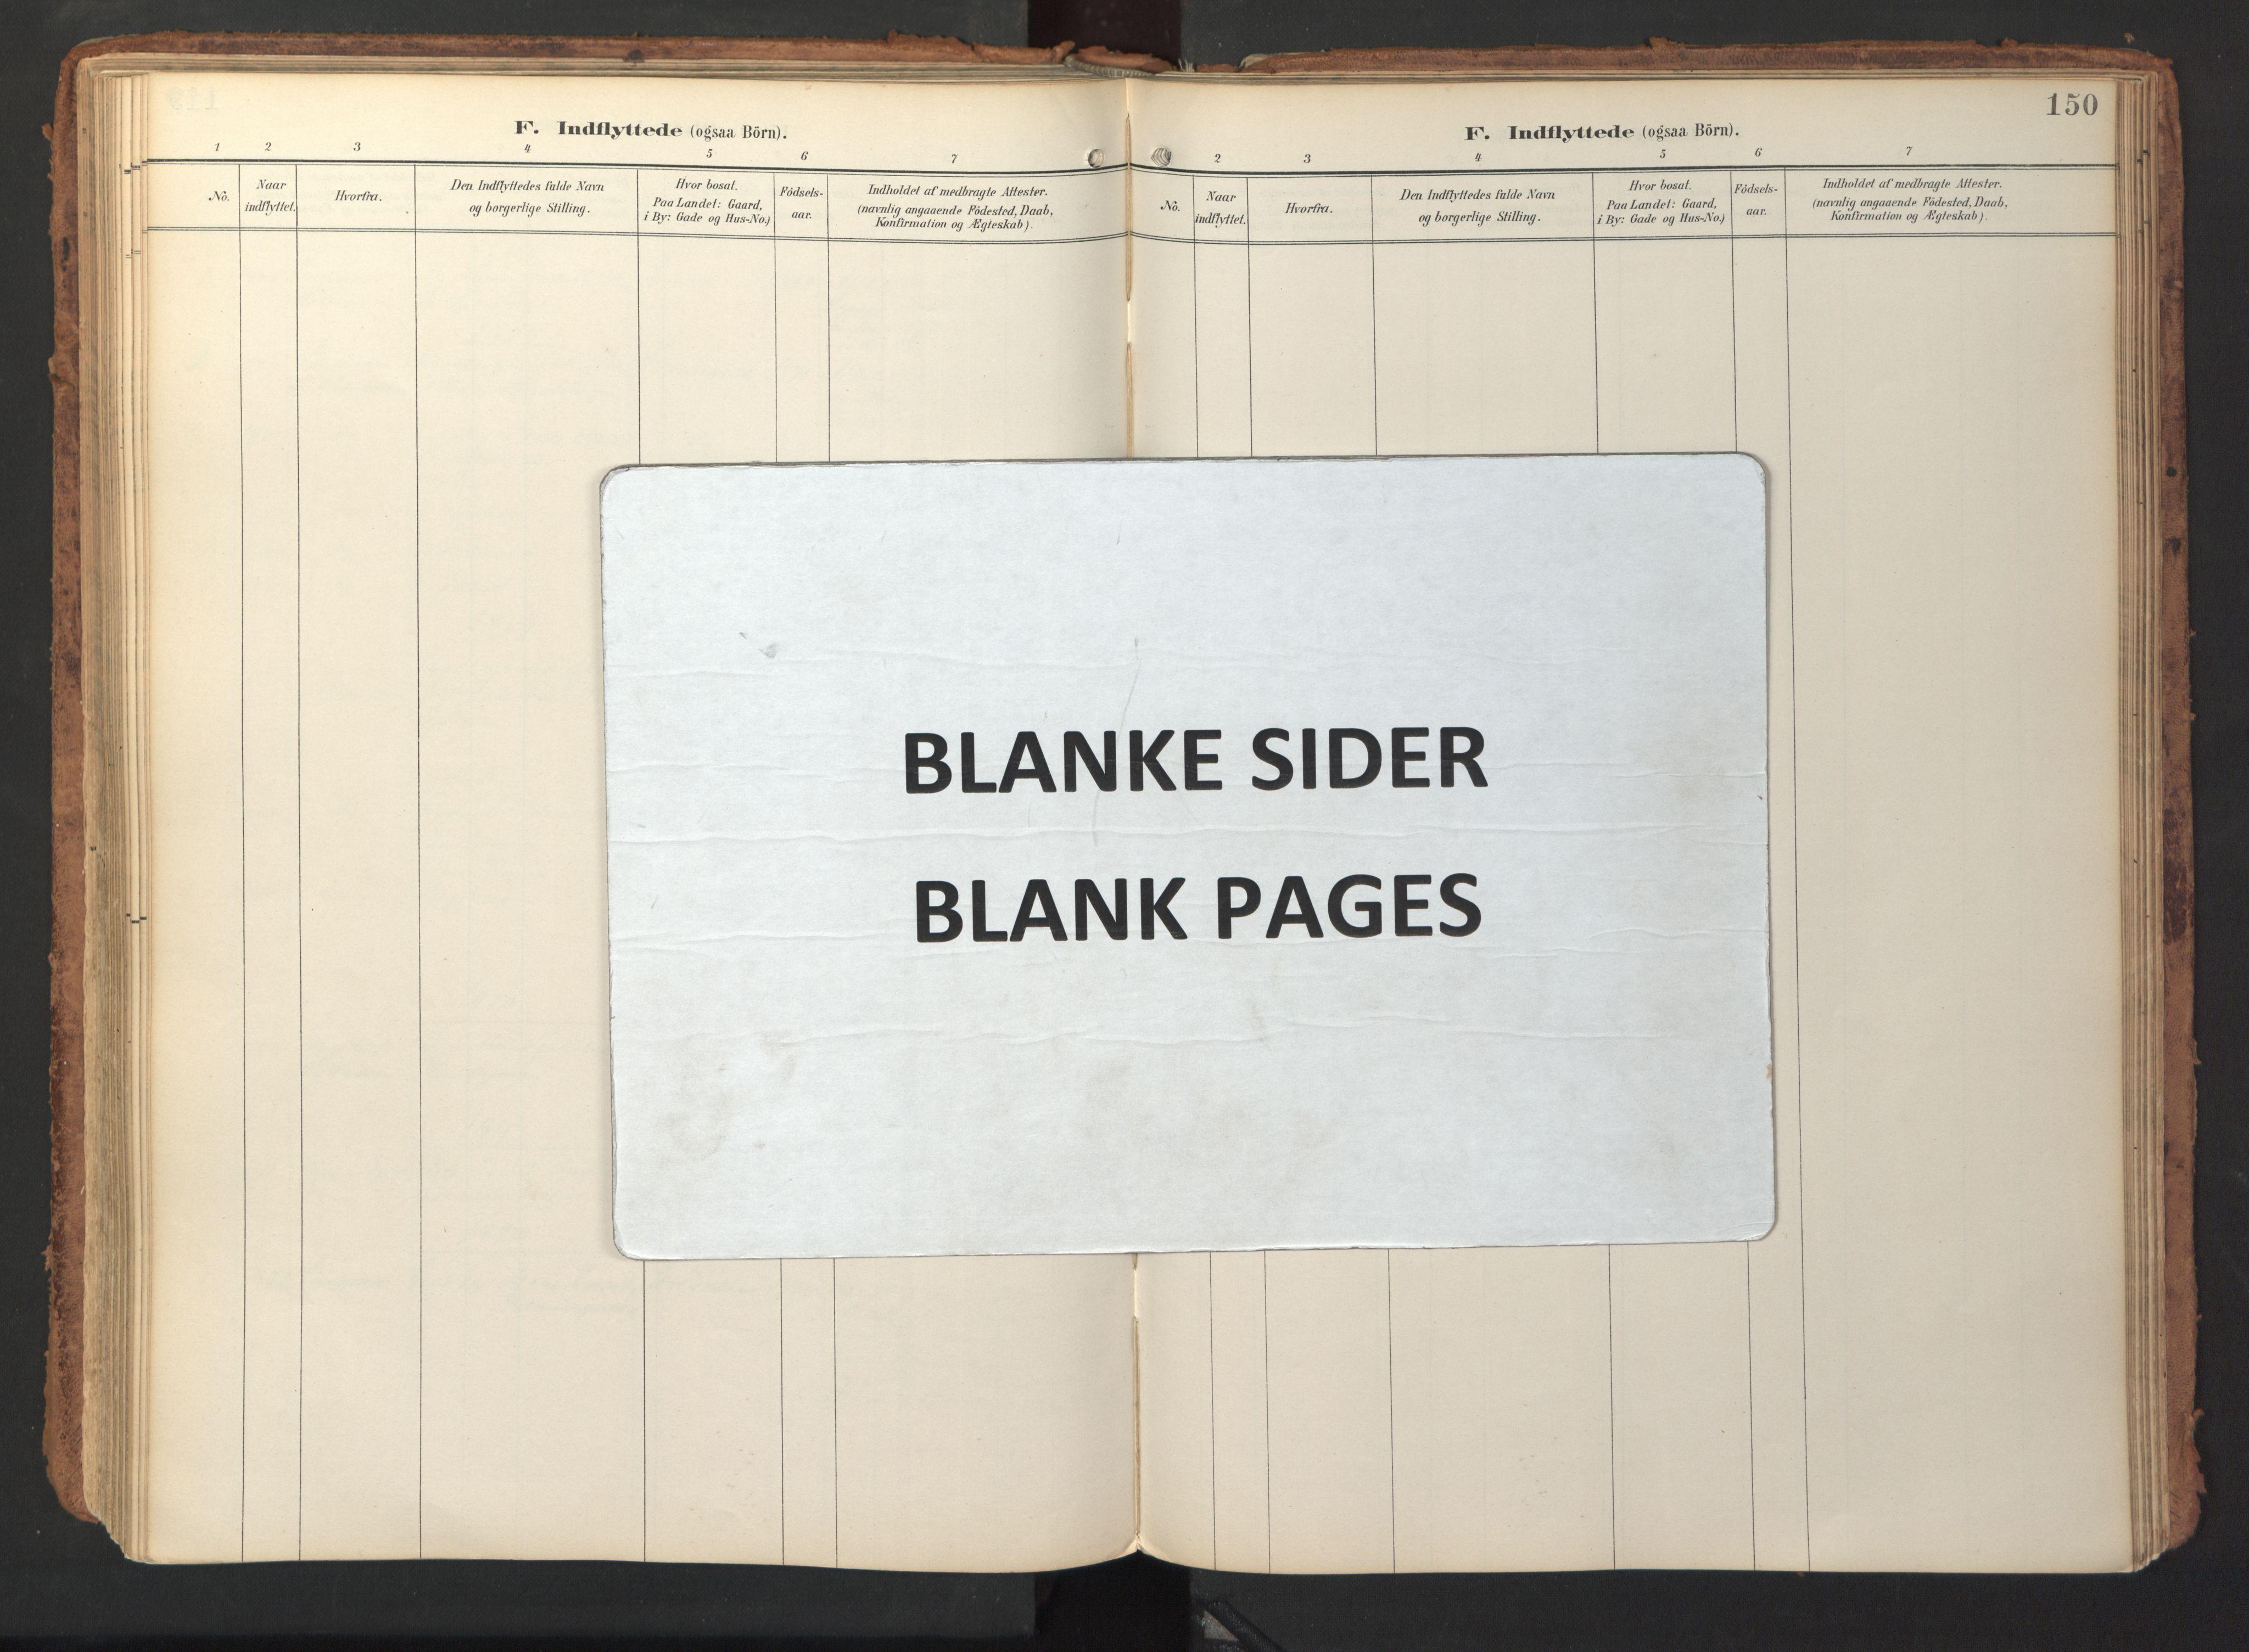 SAT, Ministerialprotokoller, klokkerbøker og fødselsregistre - Sør-Trøndelag, 690/L1050: Ministerialbok nr. 690A01, 1889-1929, s. 150